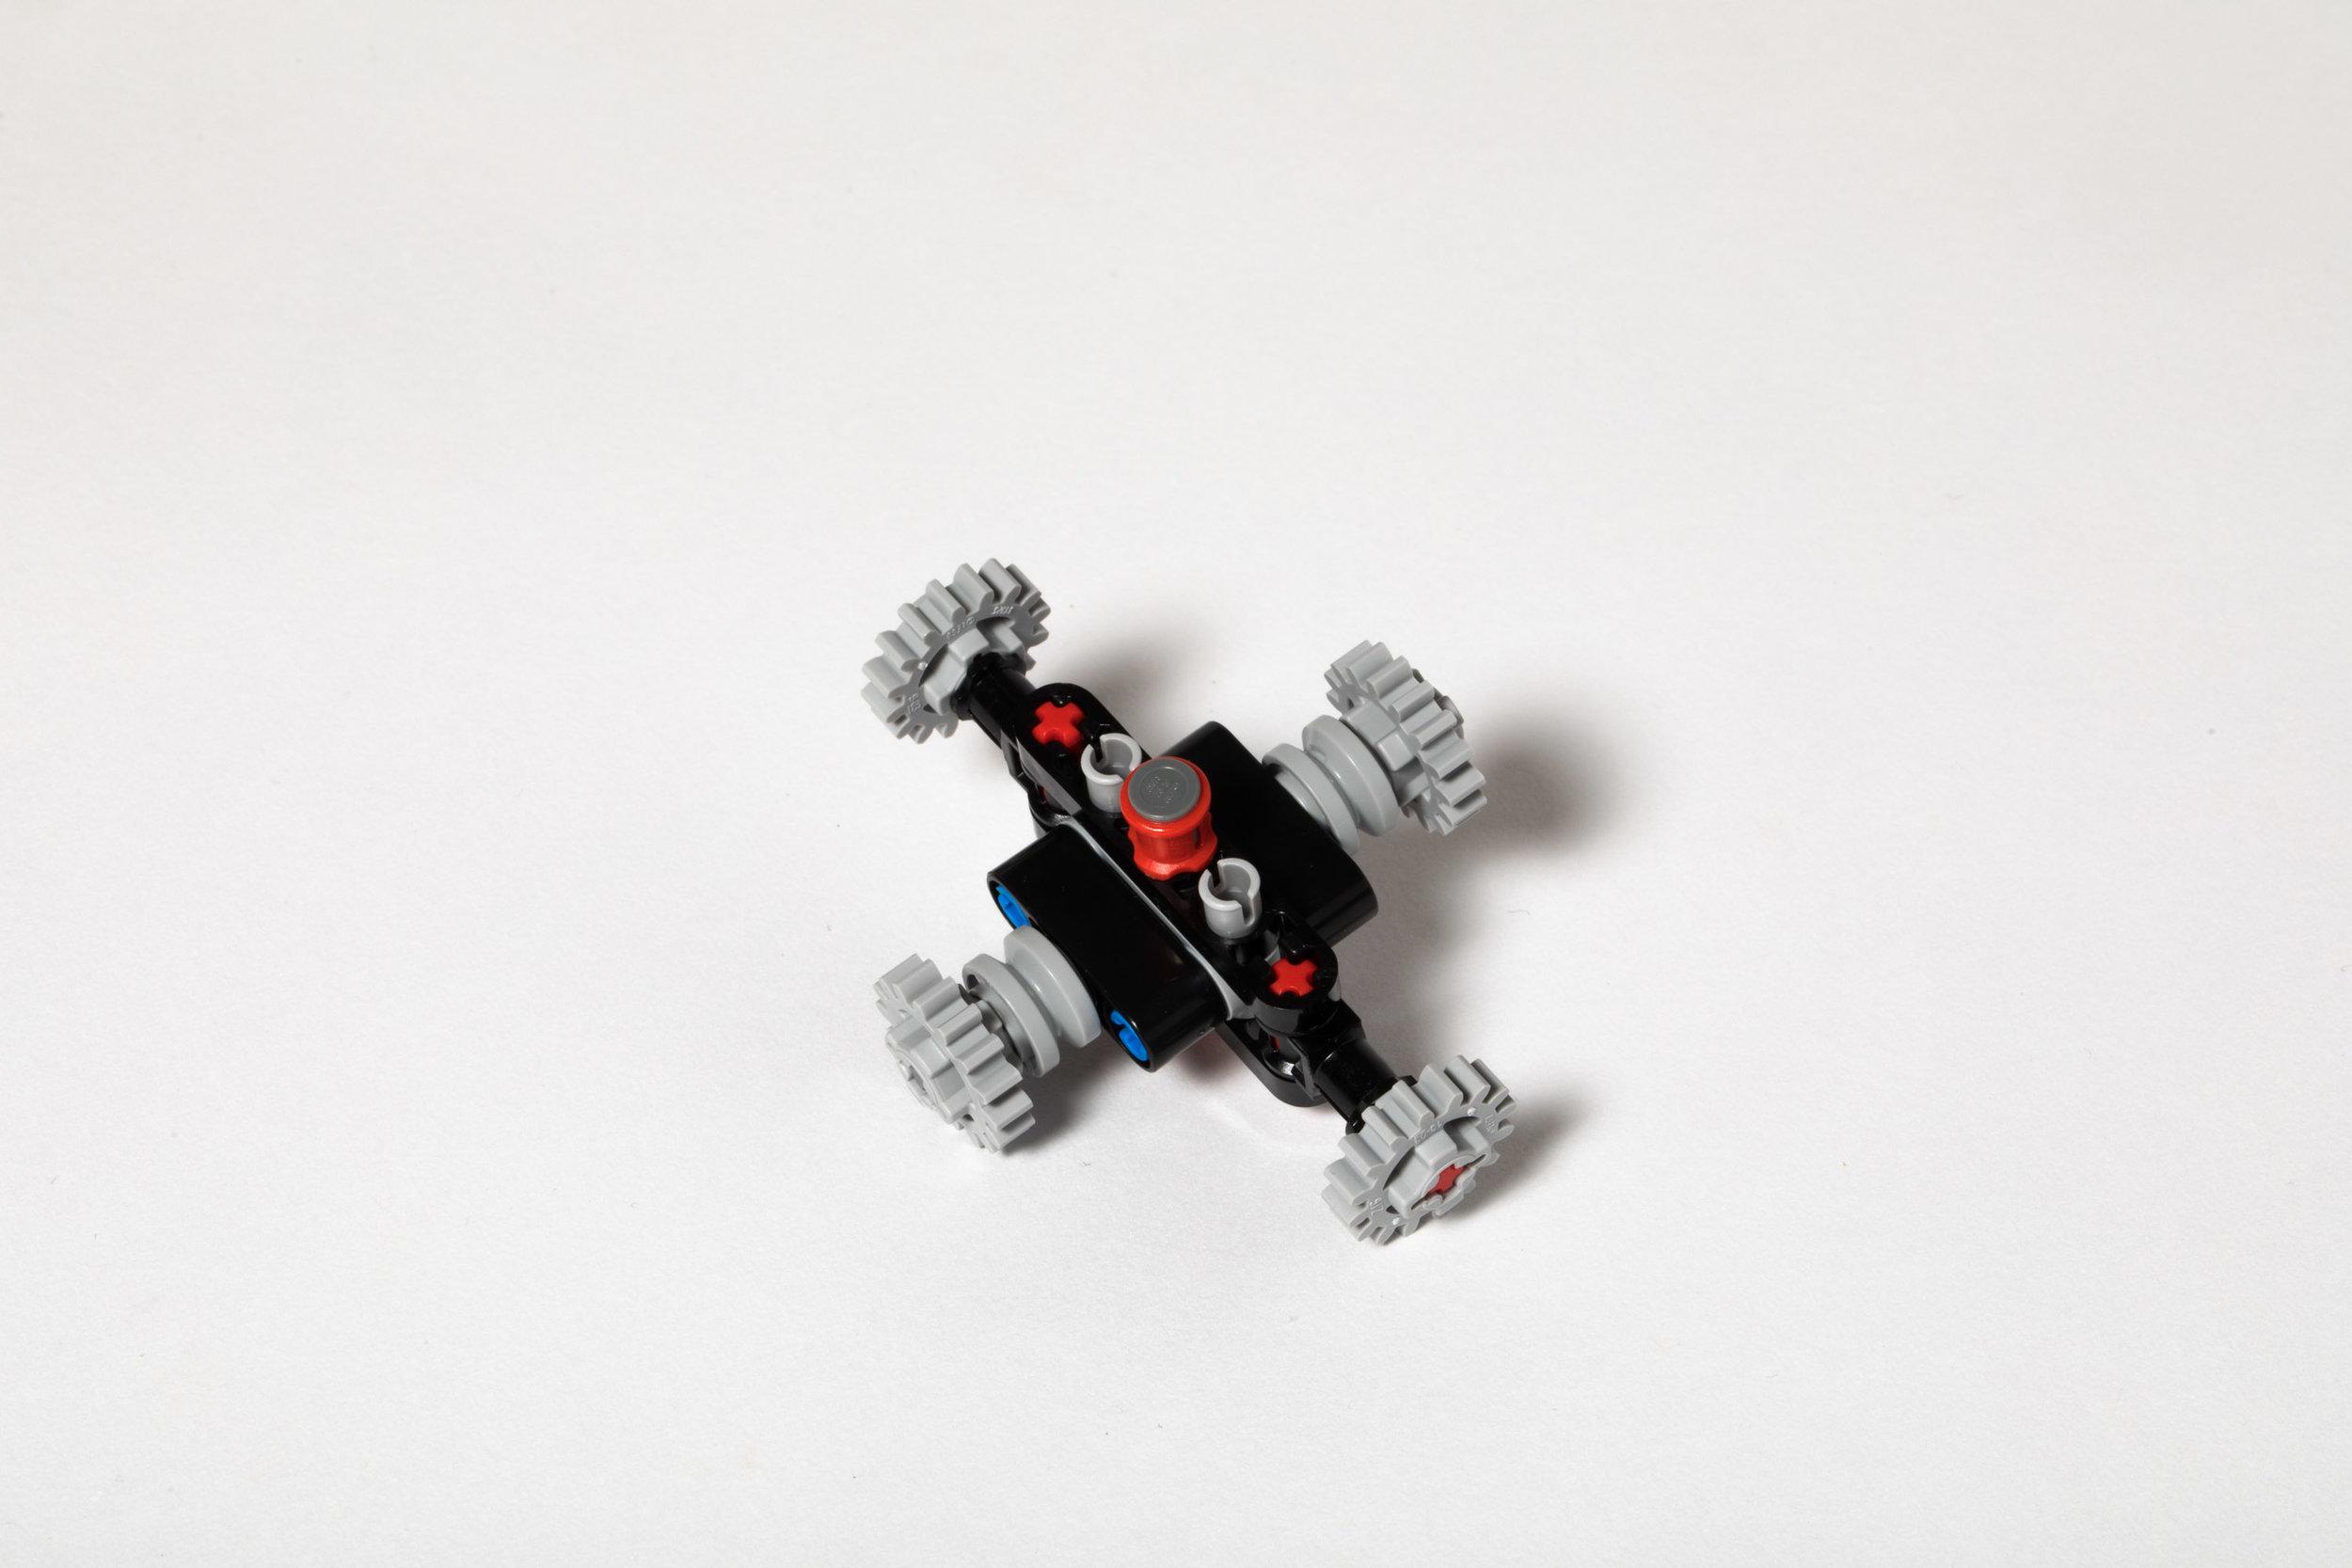 legospinner-6.jpg